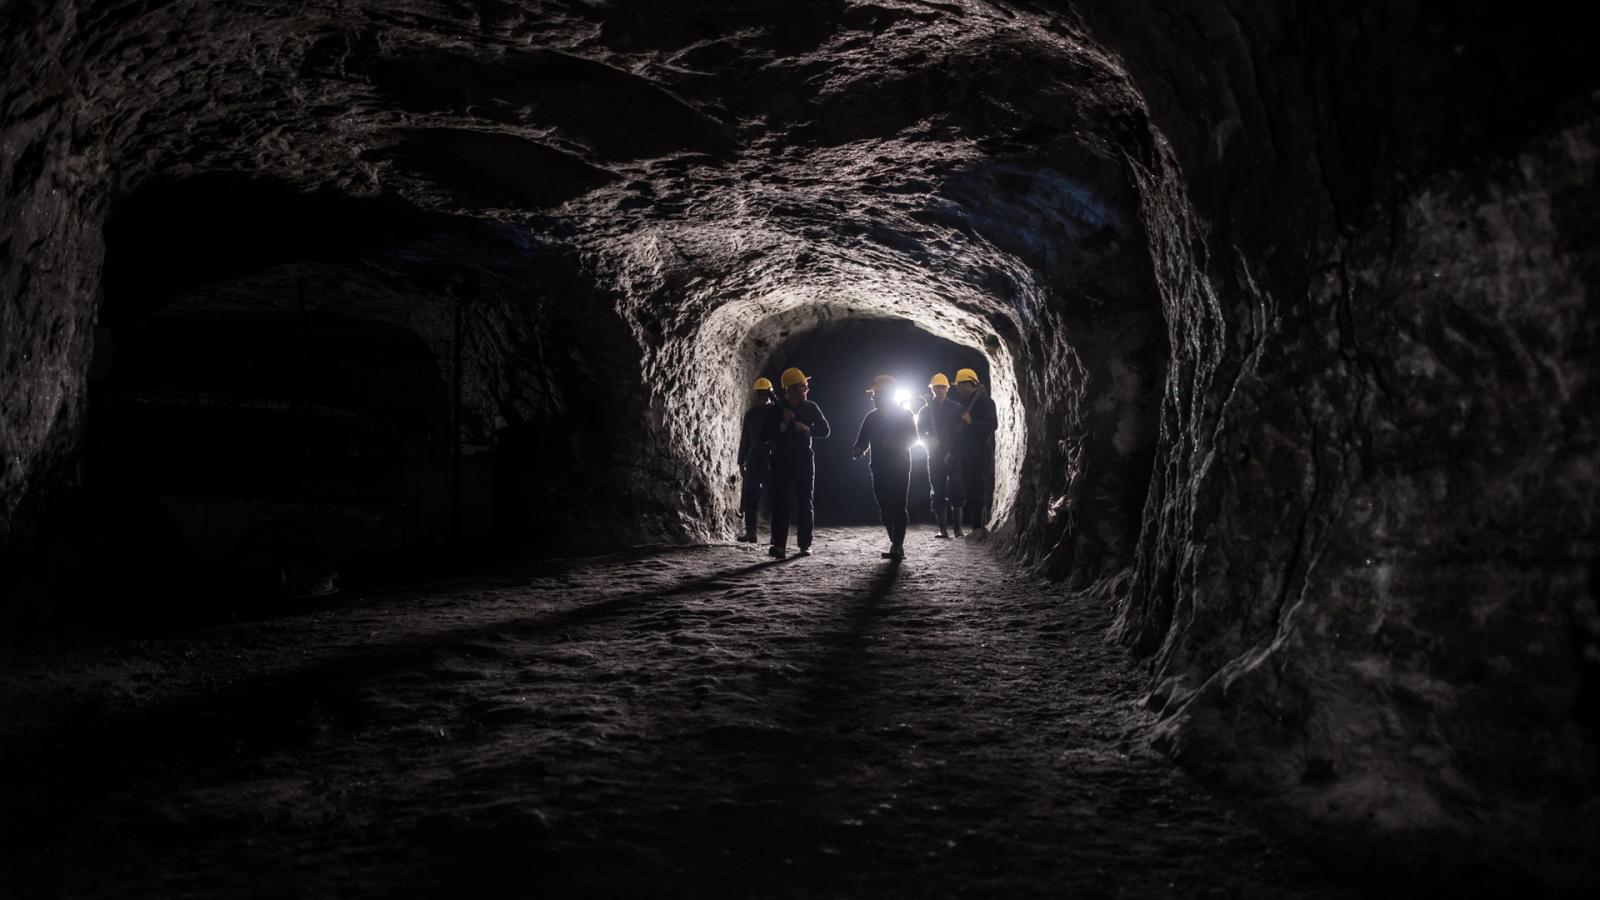 La Mañana - Los protagonistas del encierro entran en directo a la mina